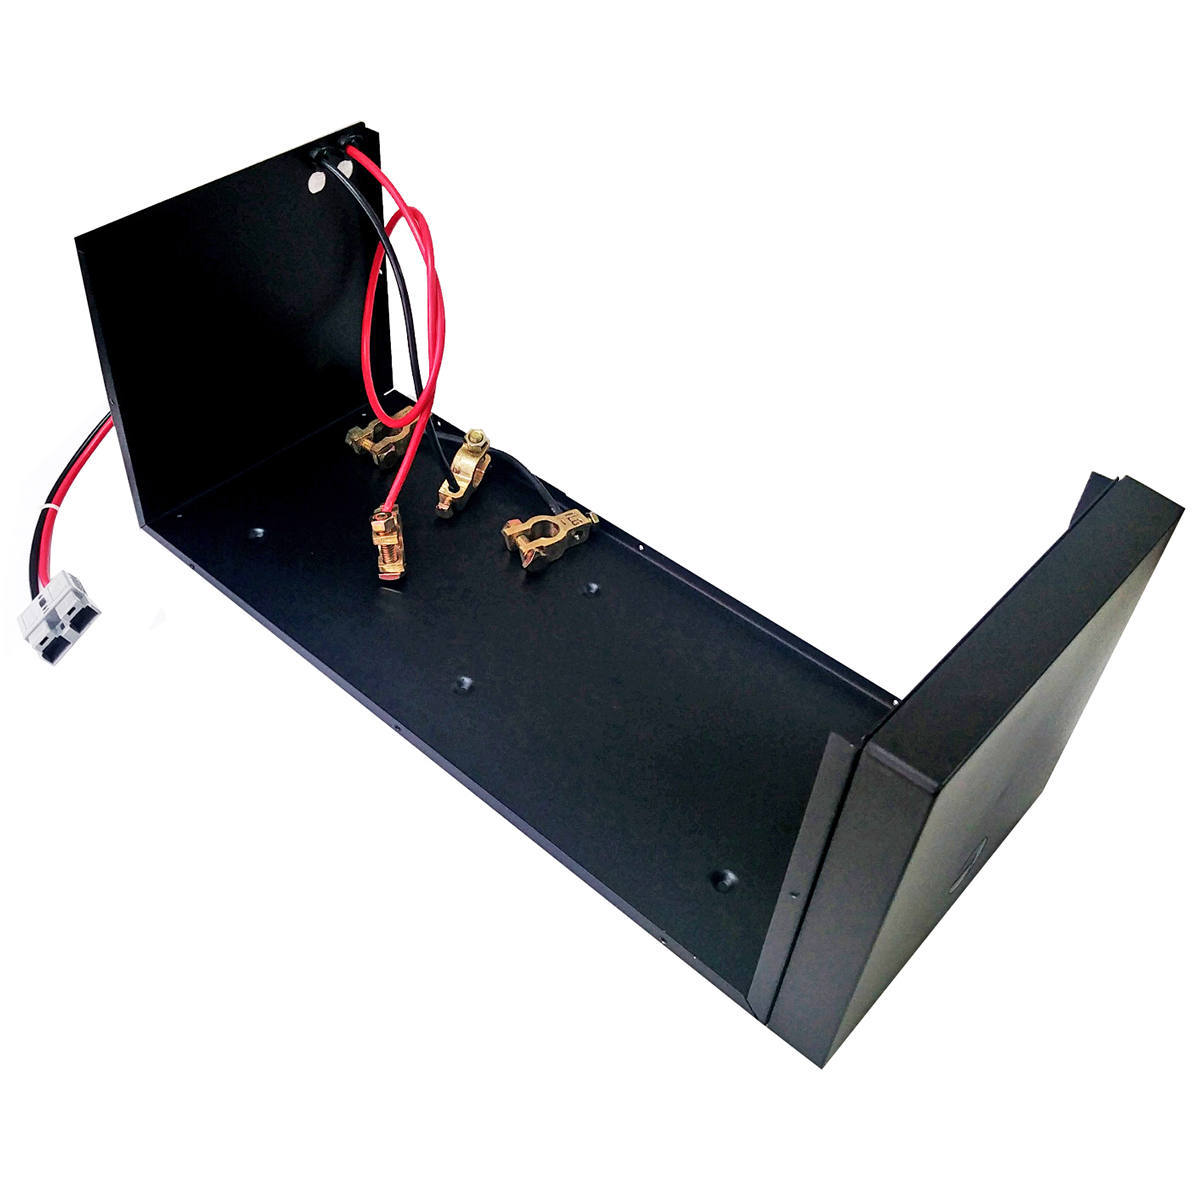 Módulo Externo para Nobreak 24V para 2 Baterias com Cabo para Conexão Integrado Ragtech MB 2 A40/27 8053 (Sem Baterias)